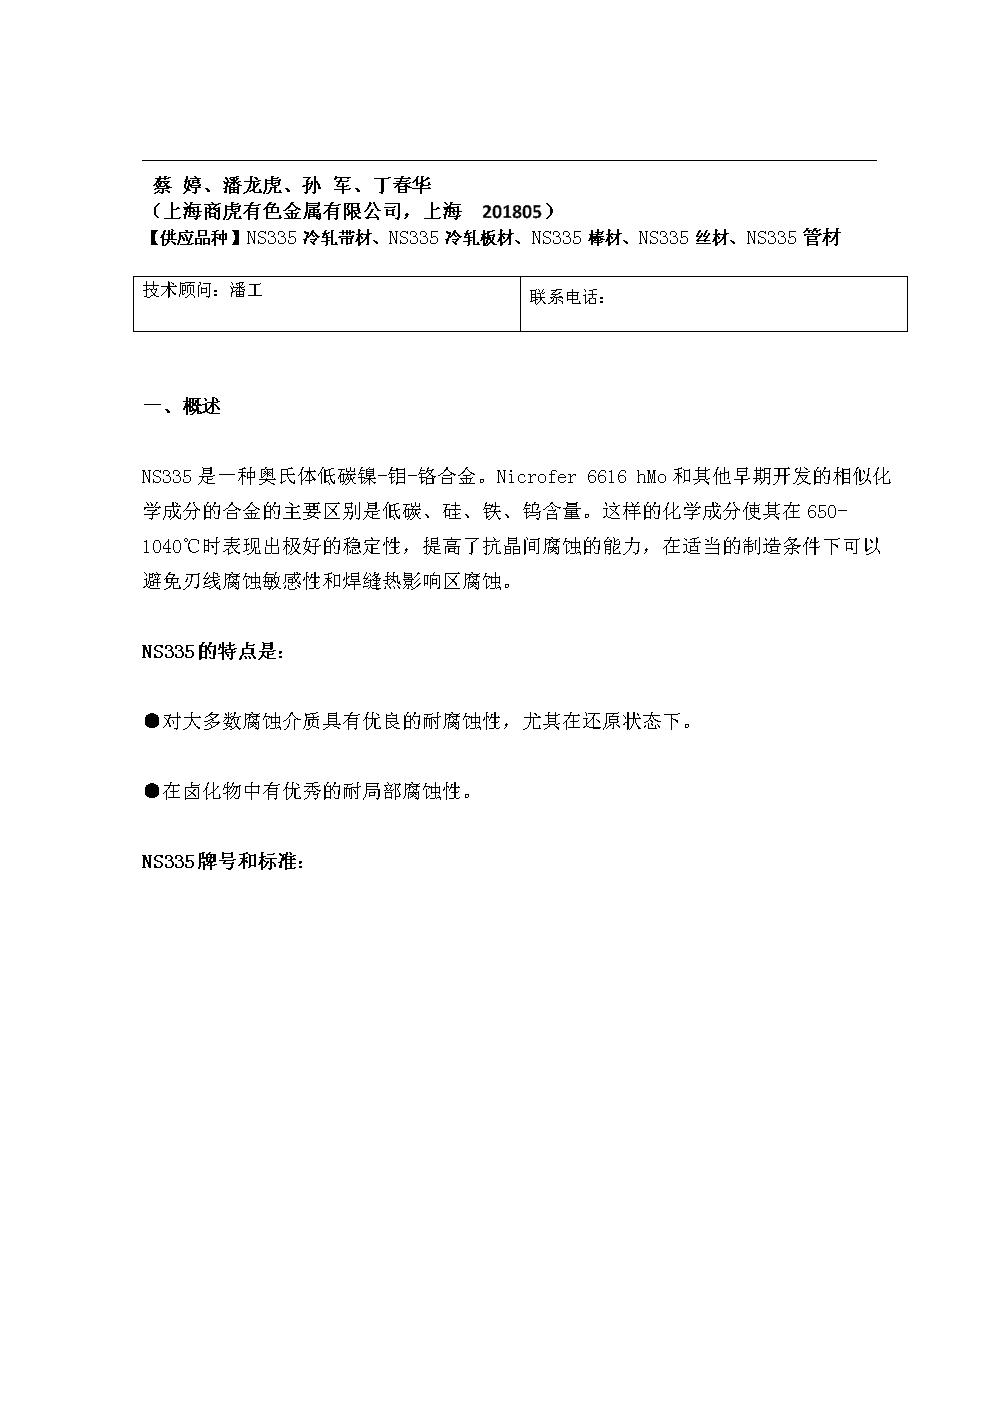 NS335镍钼合金-上海商虎合金技术.doc